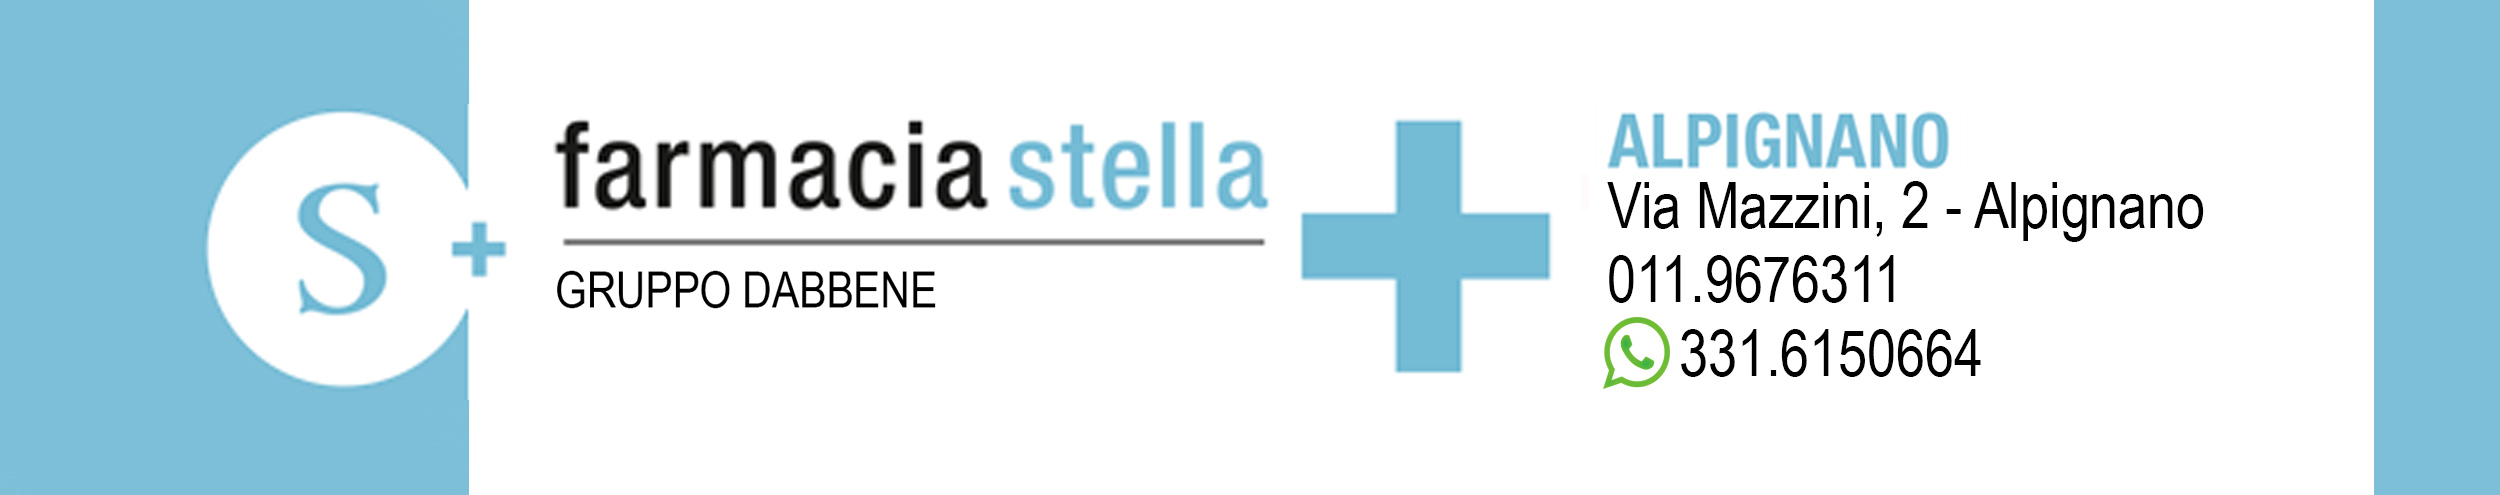 Farmacia Stella Alpignano